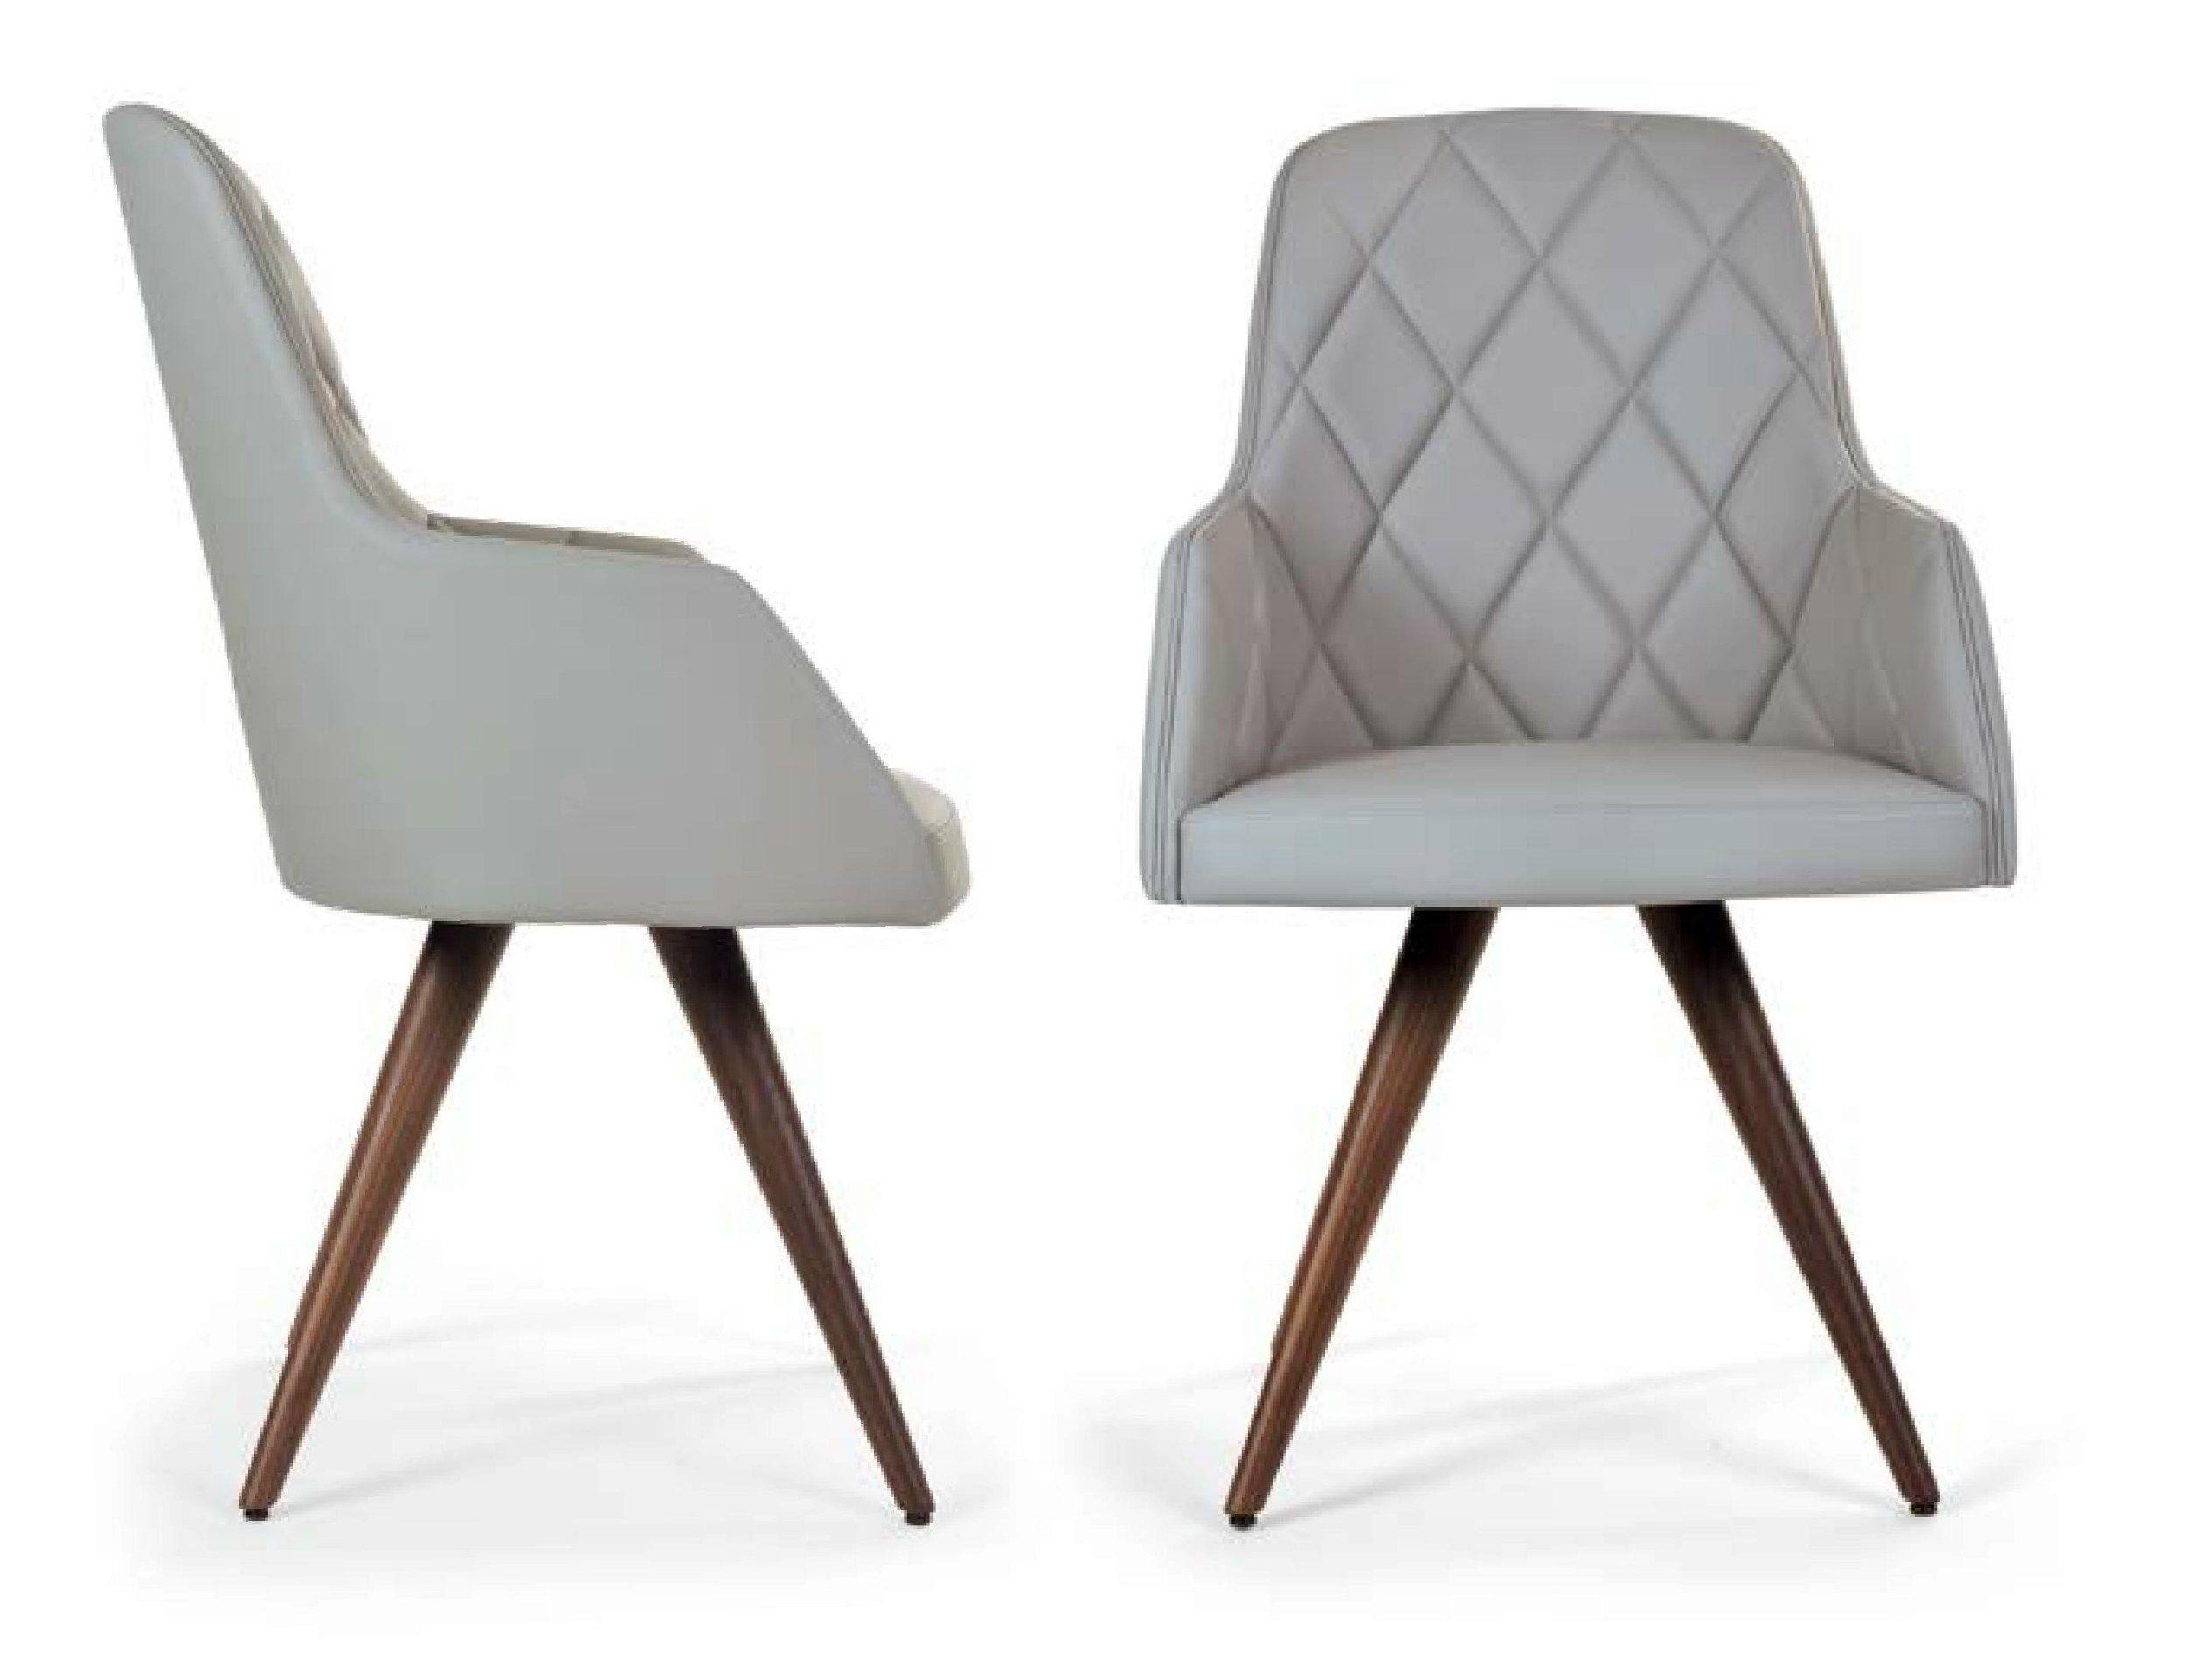 Marl ne wood cone silla capiton by riccardo rivoli design for Silla tapizada capitone